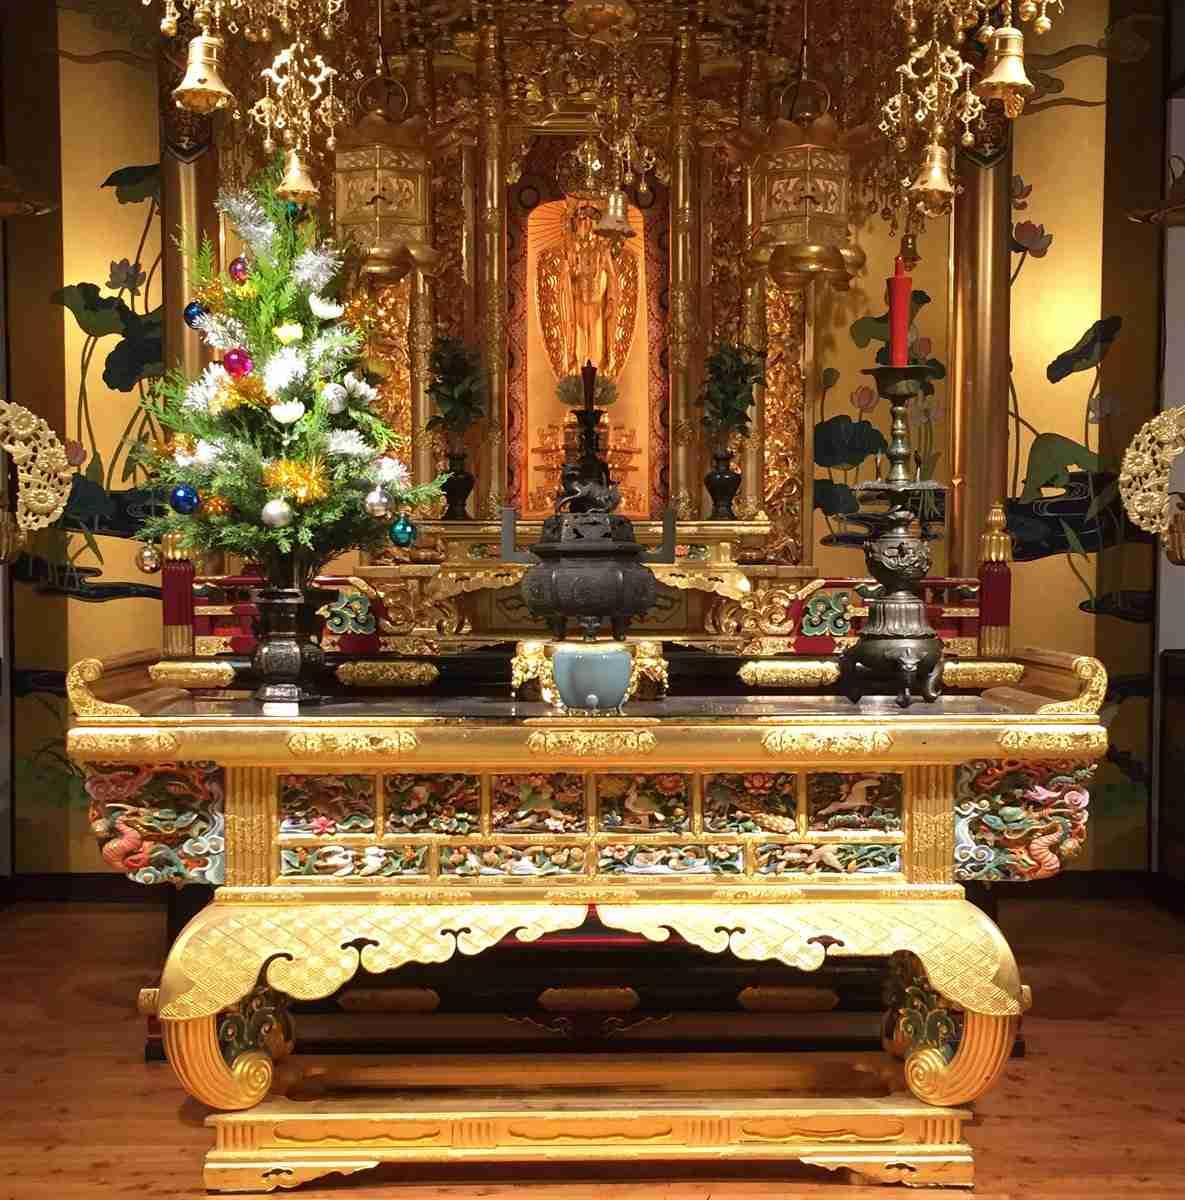 【画像】お寺の住職が仏花で再現した極楽の宝樹が完全にアレにしか見えない